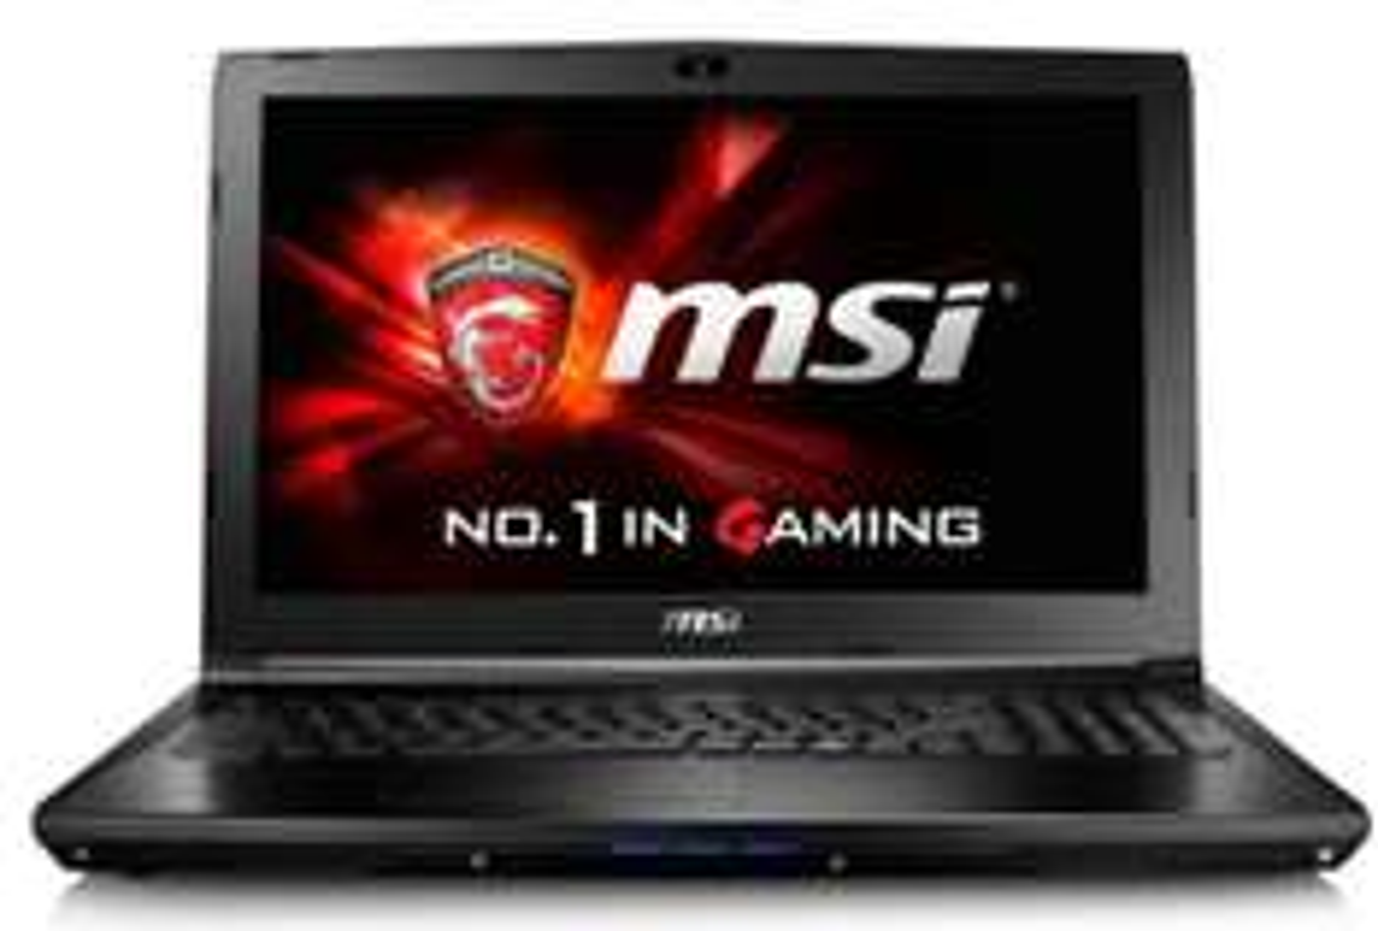 """[Cdiscount à volonté] PC portable 15.6"""" MSI GL62 6QD-027XFR - Intel i5-6300HQ, 4 Go de RAM, 1 To + 128 Go en SSD, GeForce GTX 950M + Barette de 8Go de Ram"""